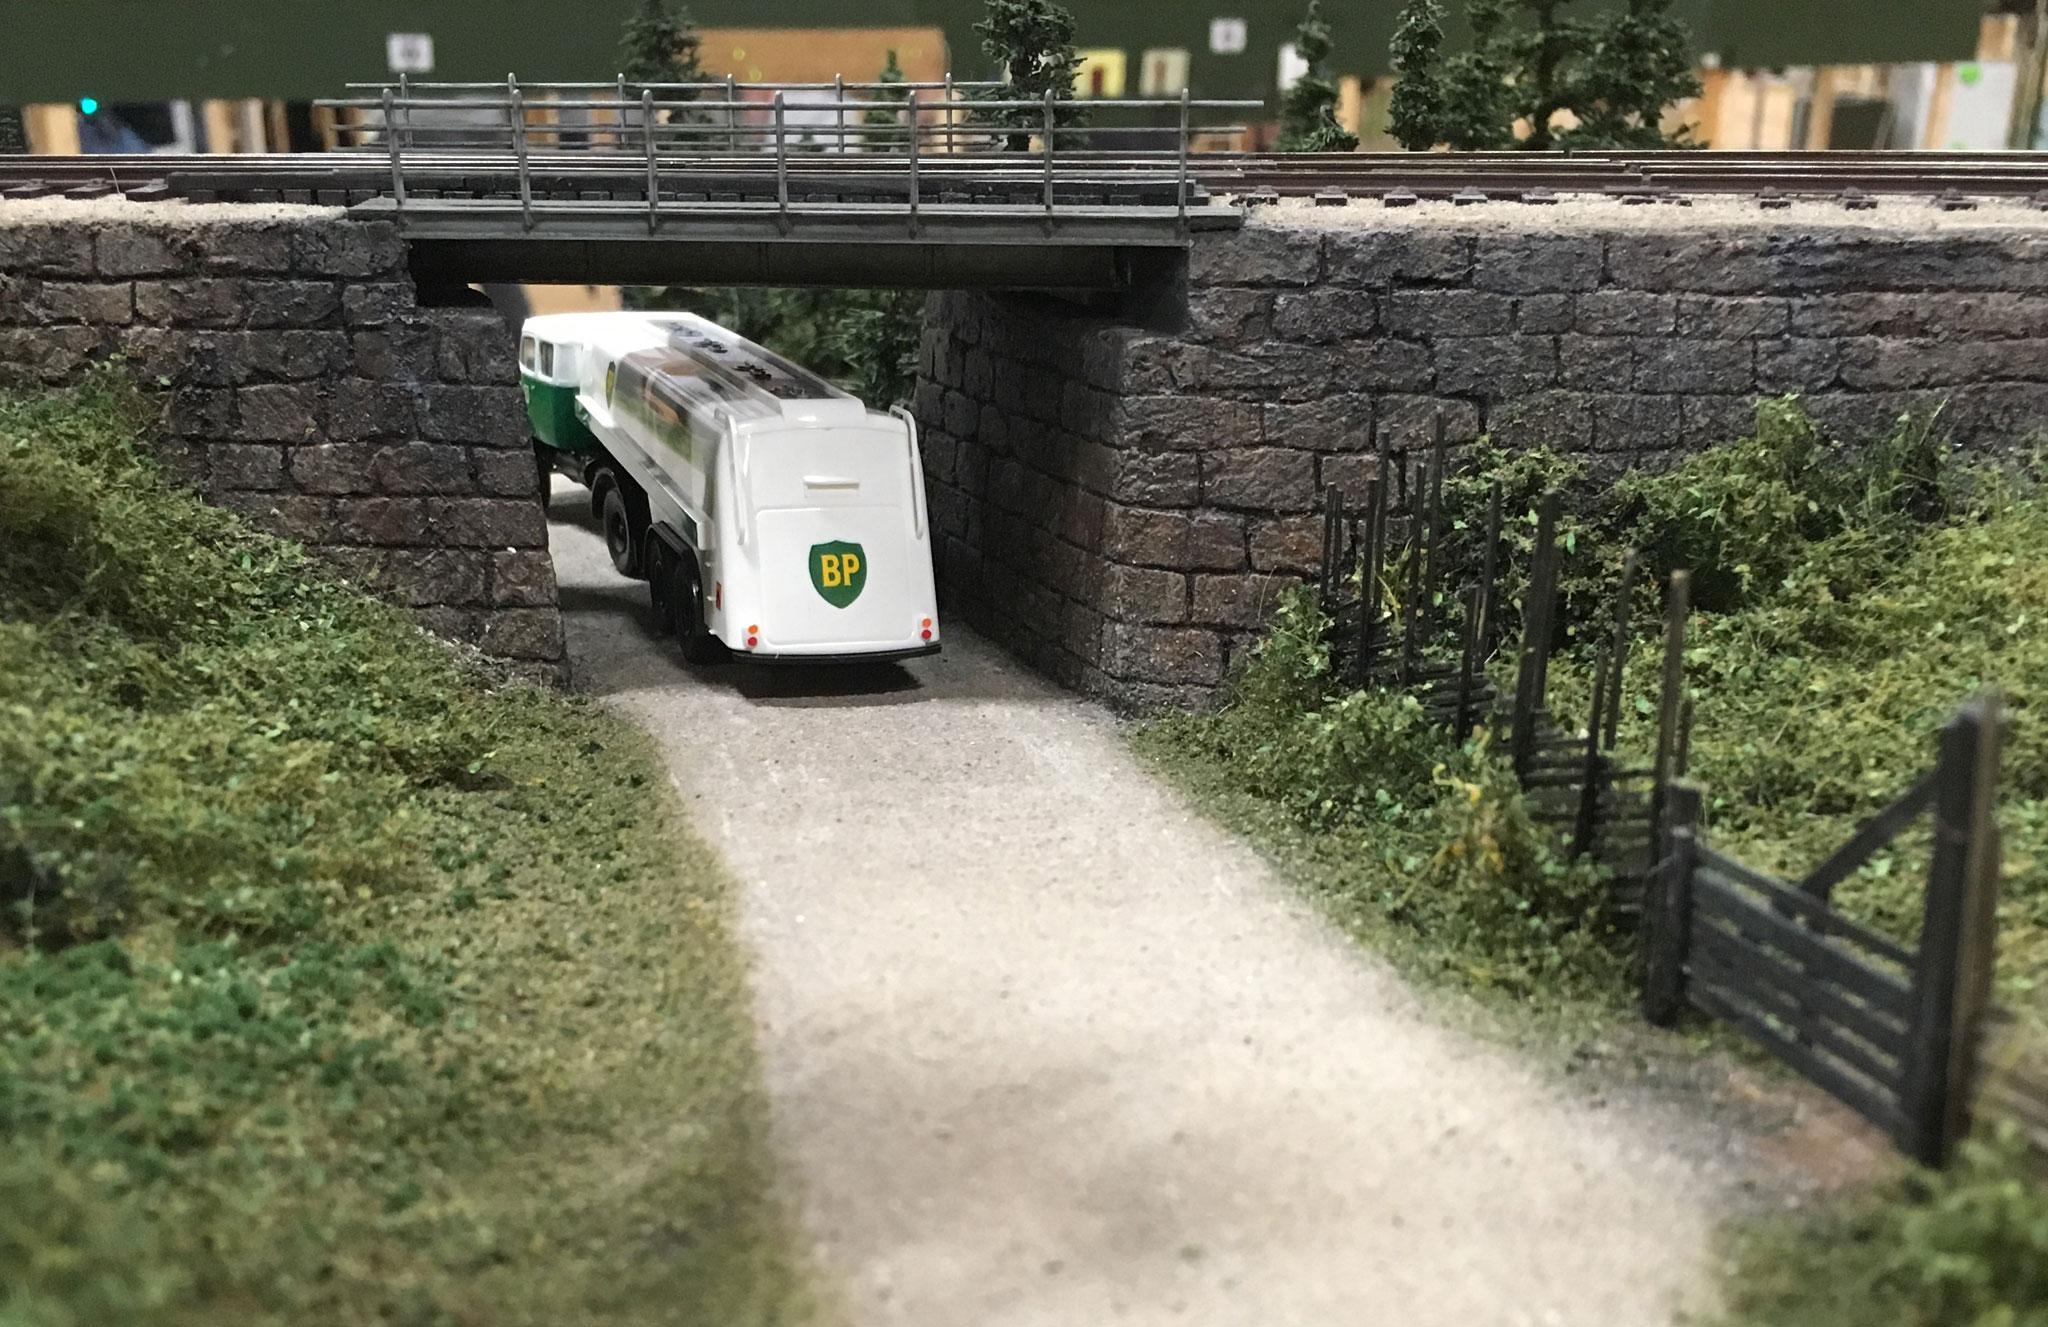 Tankbil under bro med flotte, detaljerede brofæster